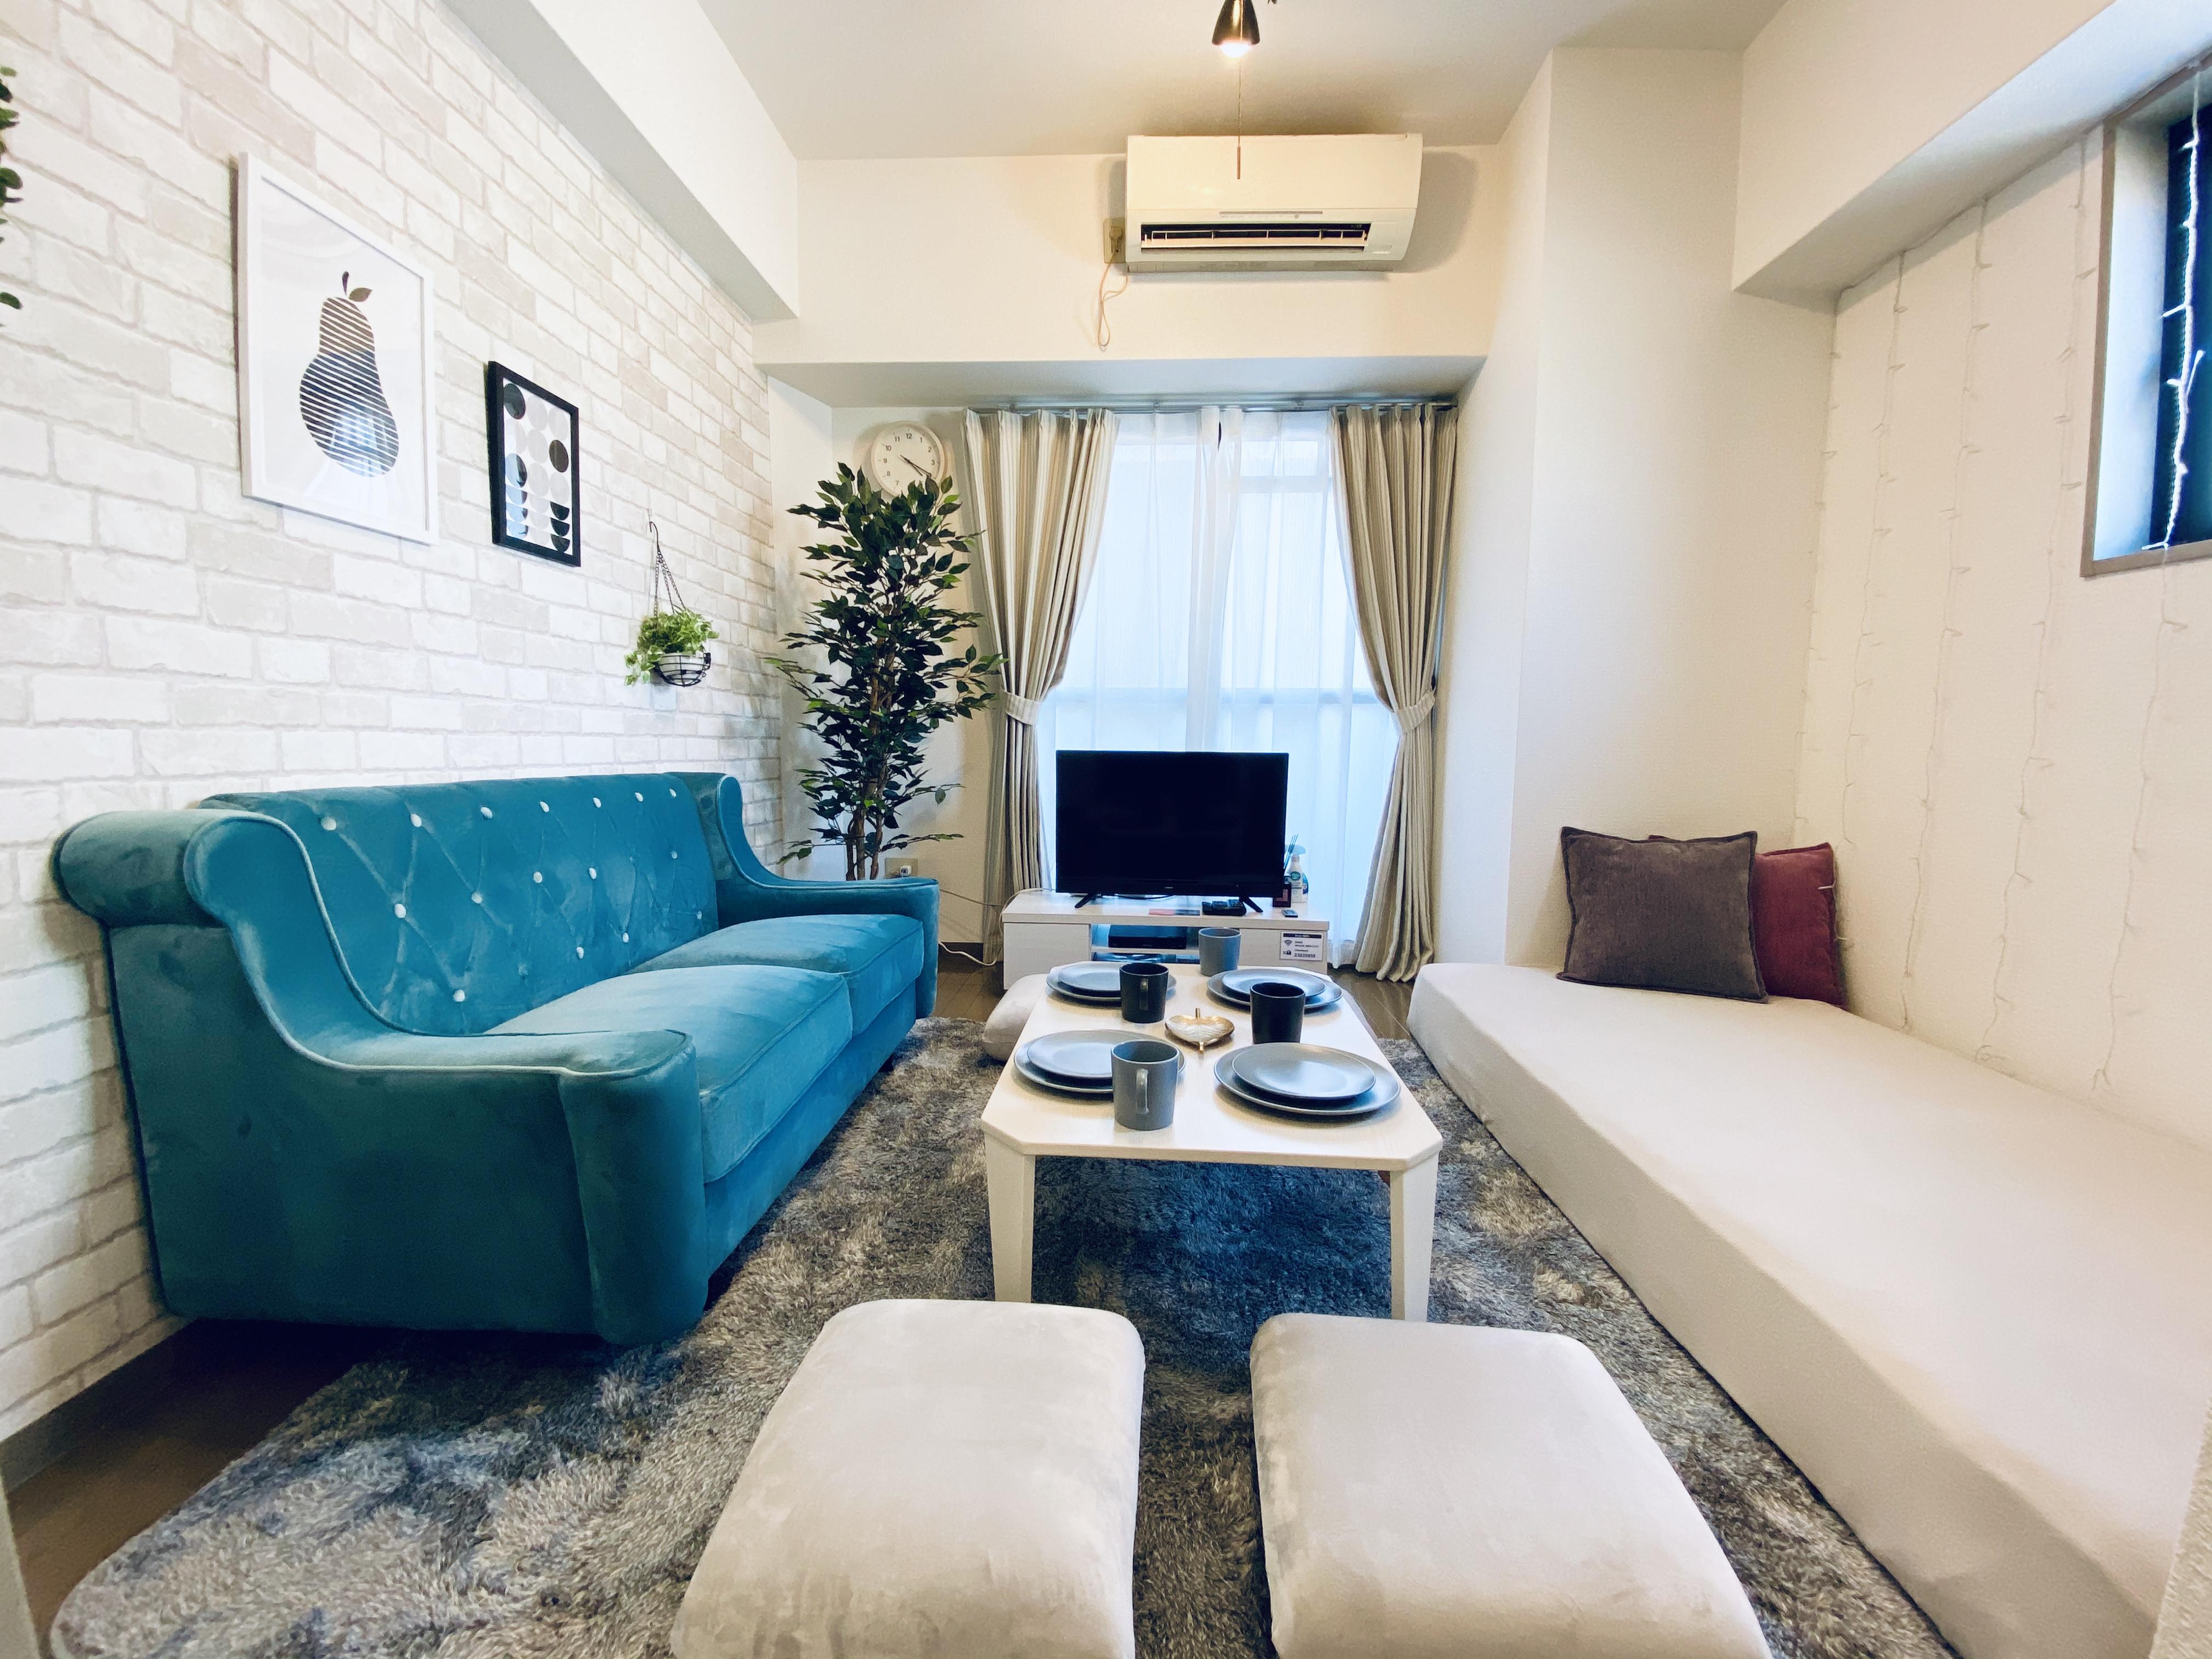 ゴロゴロ まったりくつろげる空間です♩ - 〈SMILE+〉ViVi梅田 レンタルスペース、パーティルームの室内の写真